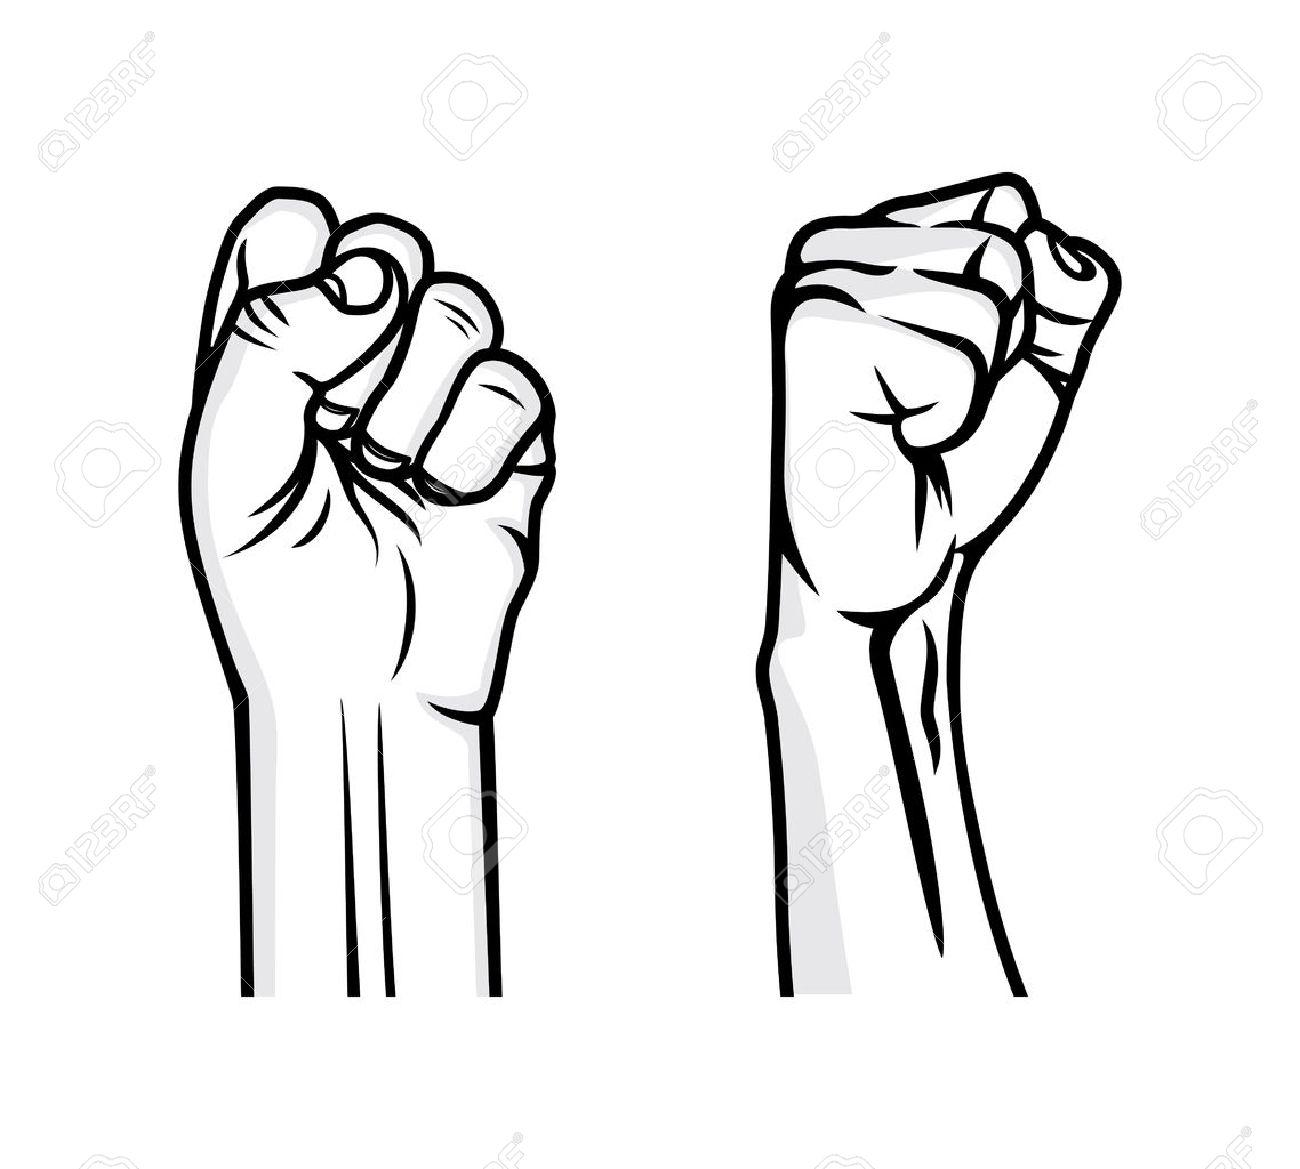 Revolution fist vector illustration - 41243824